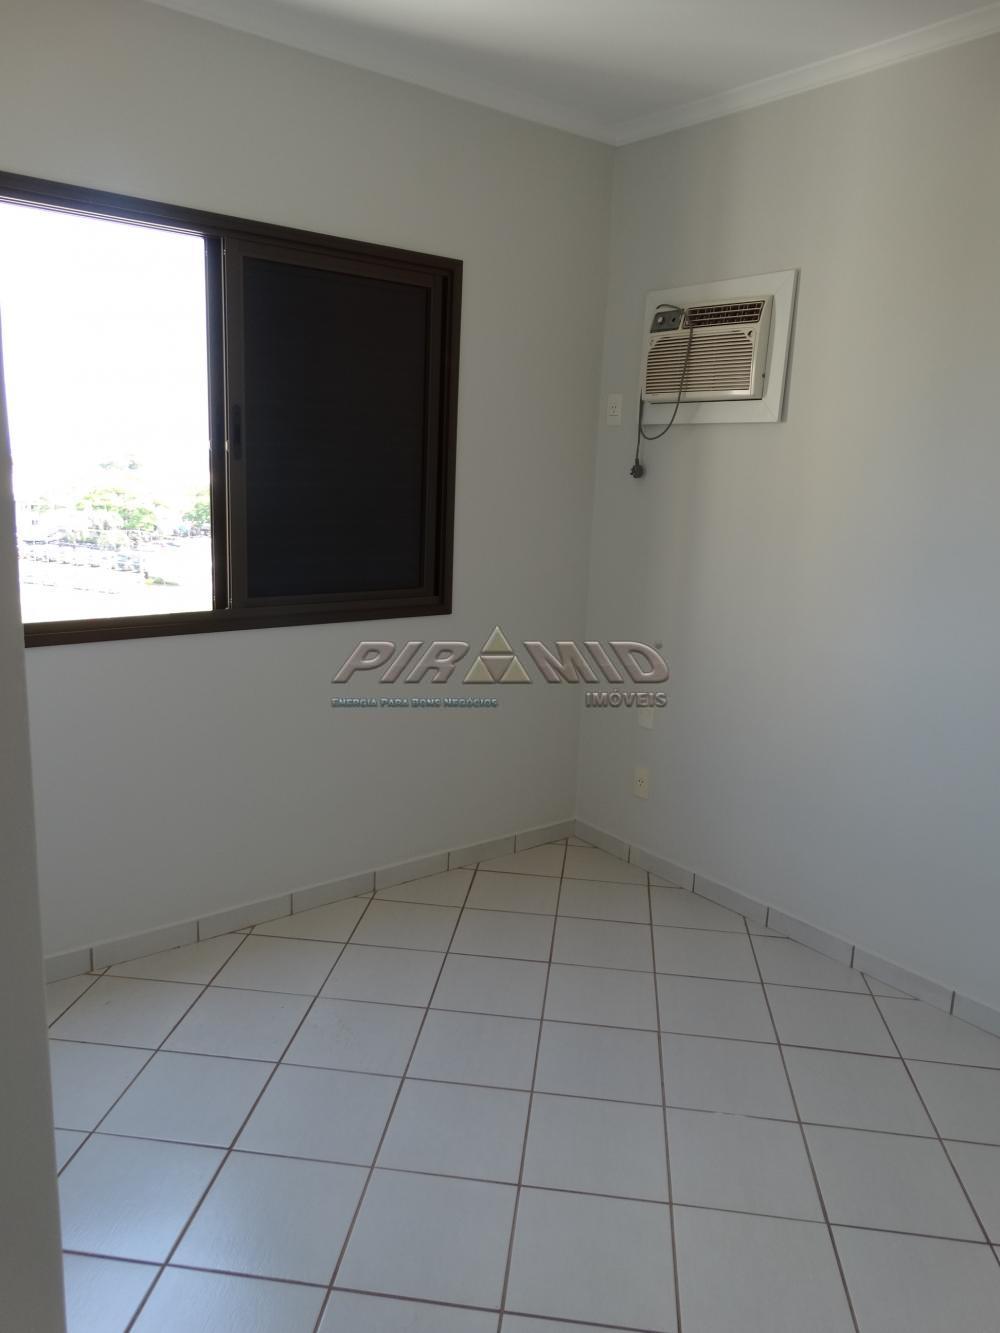 Alugar Apartamento / Padrão em Ribeirão Preto apenas R$ 680,00 - Foto 4